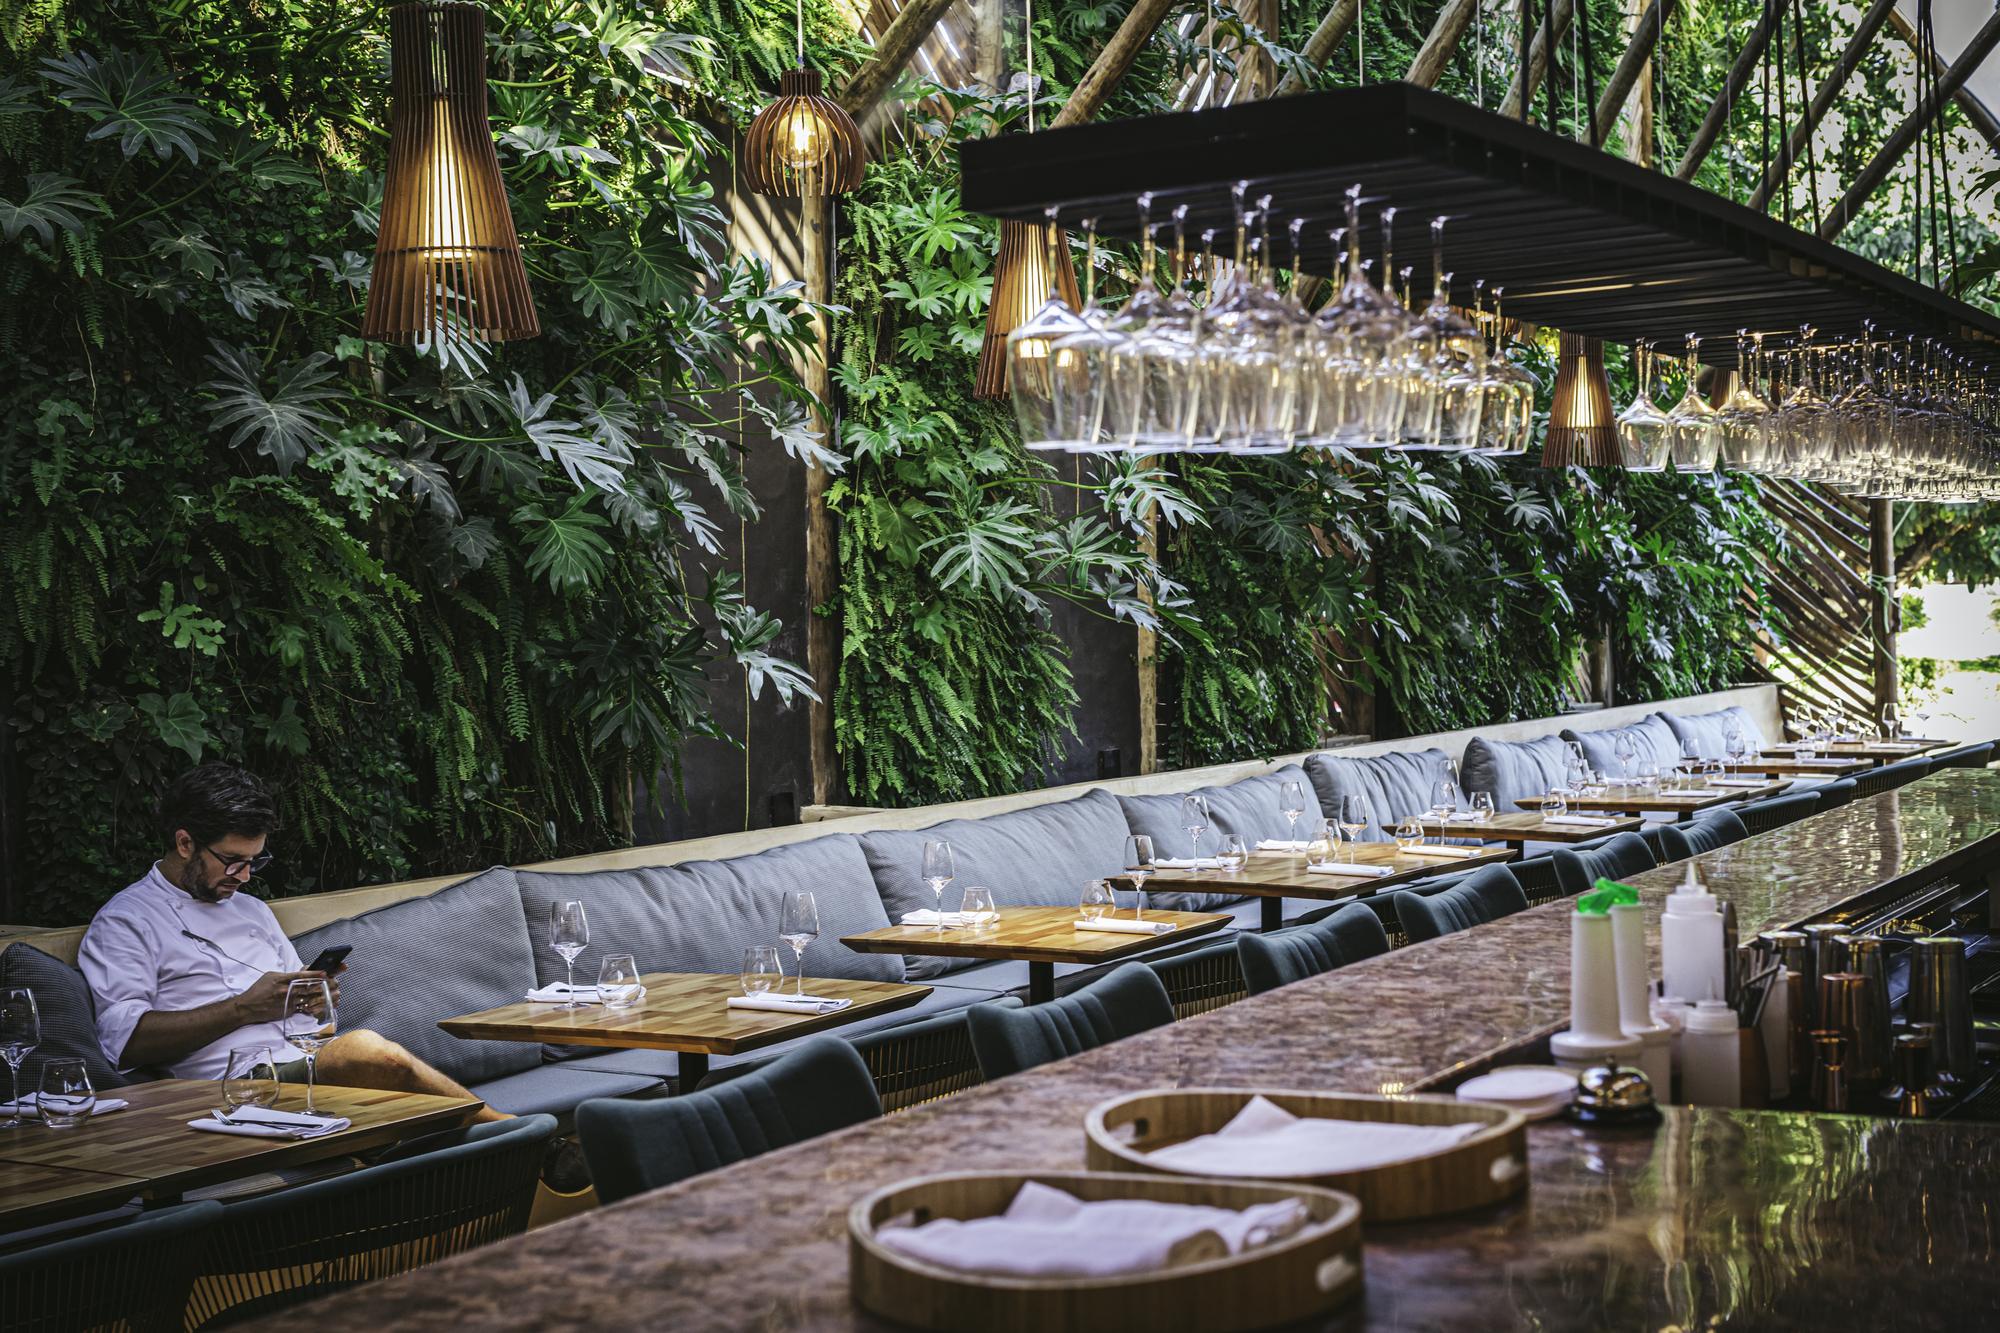 Gallery of Ello Restaurant / Mareines Arquitetura  - 2